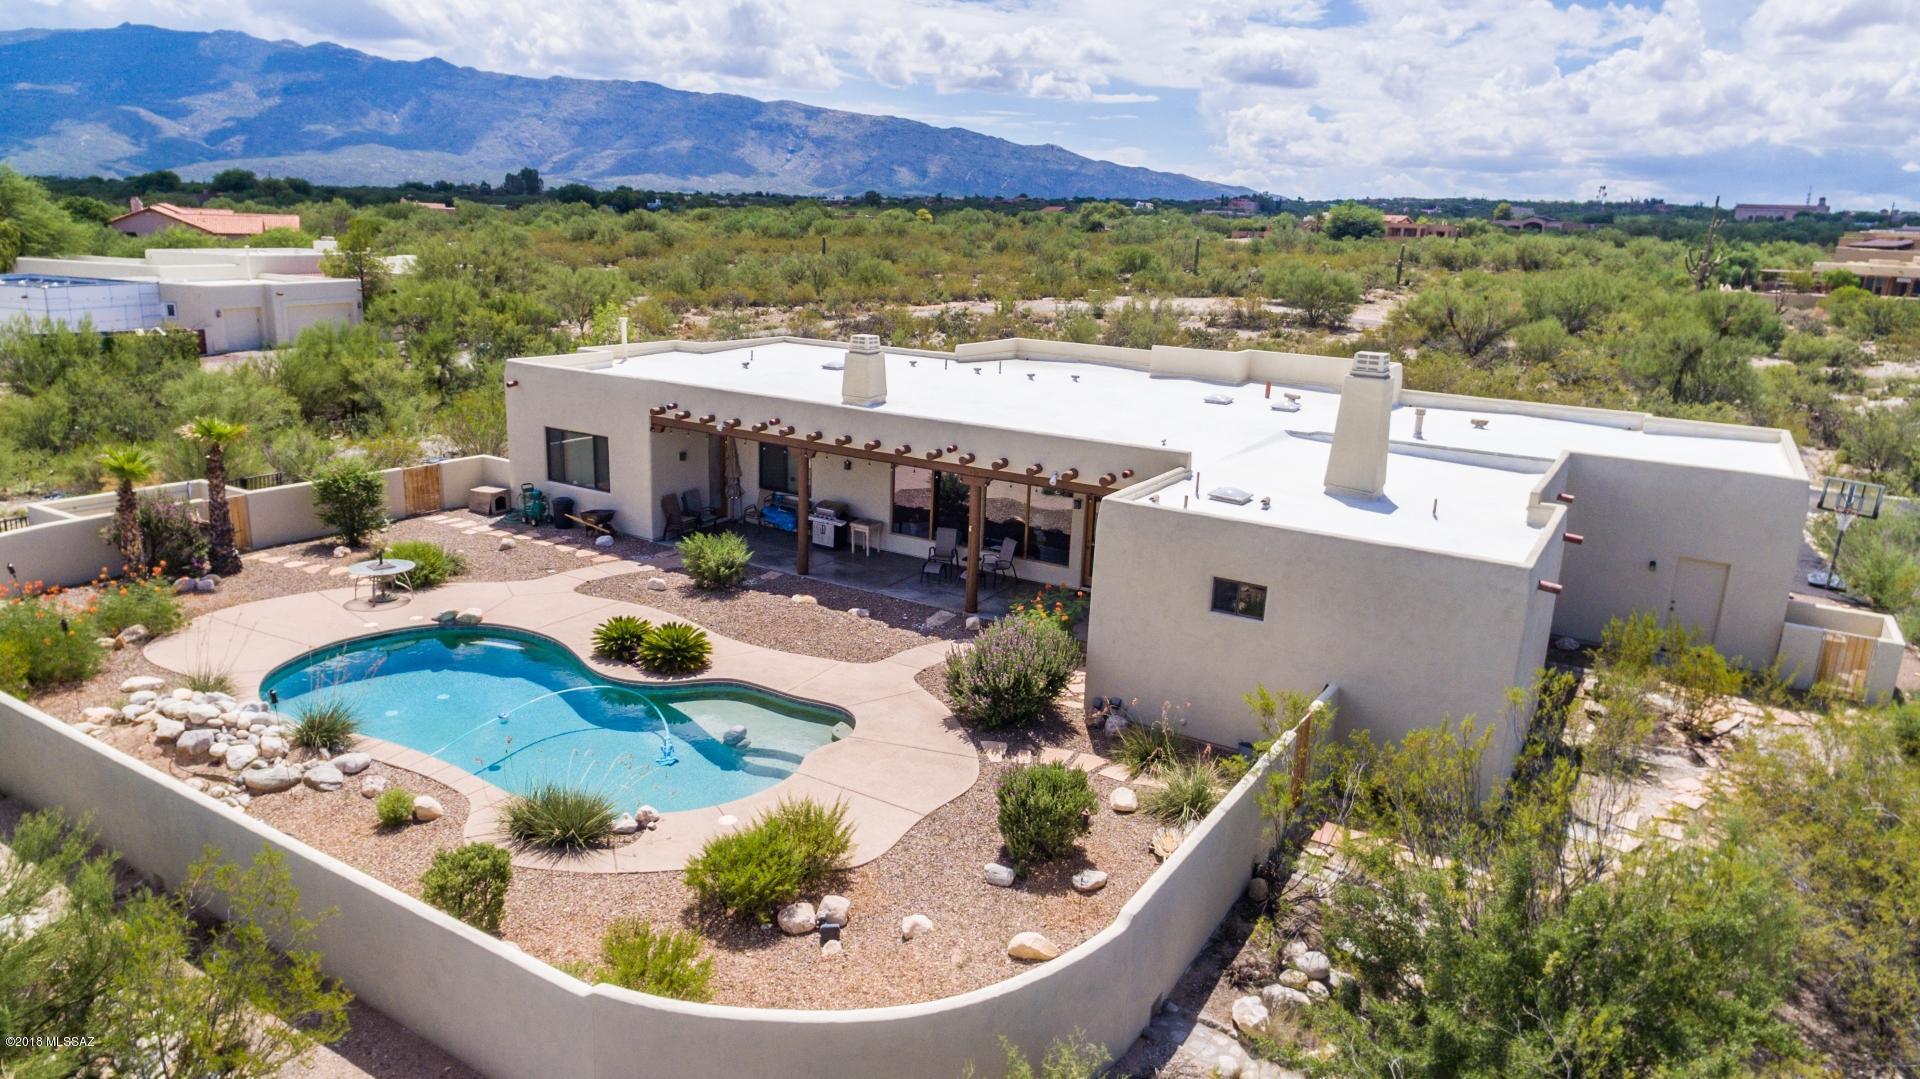 890 N Tanque Verde Loop Road Tucson, AZ 85748